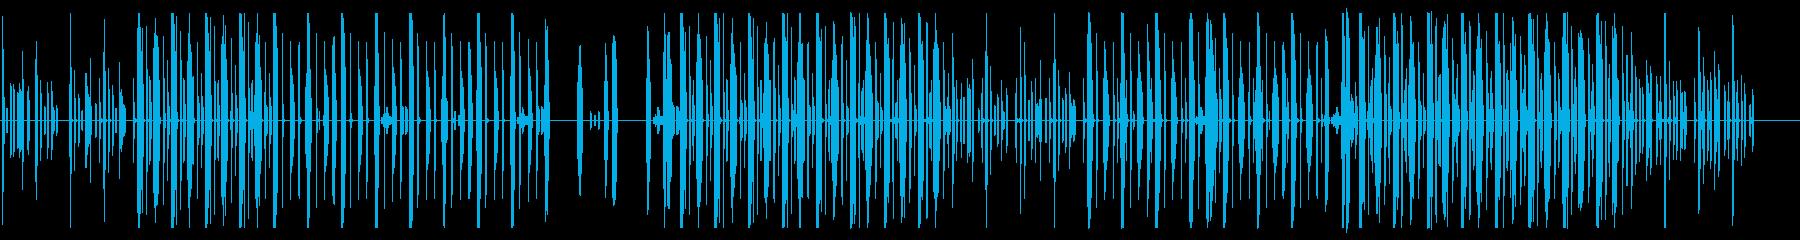 ゆっくりめのLo-fiHOP系の再生済みの波形